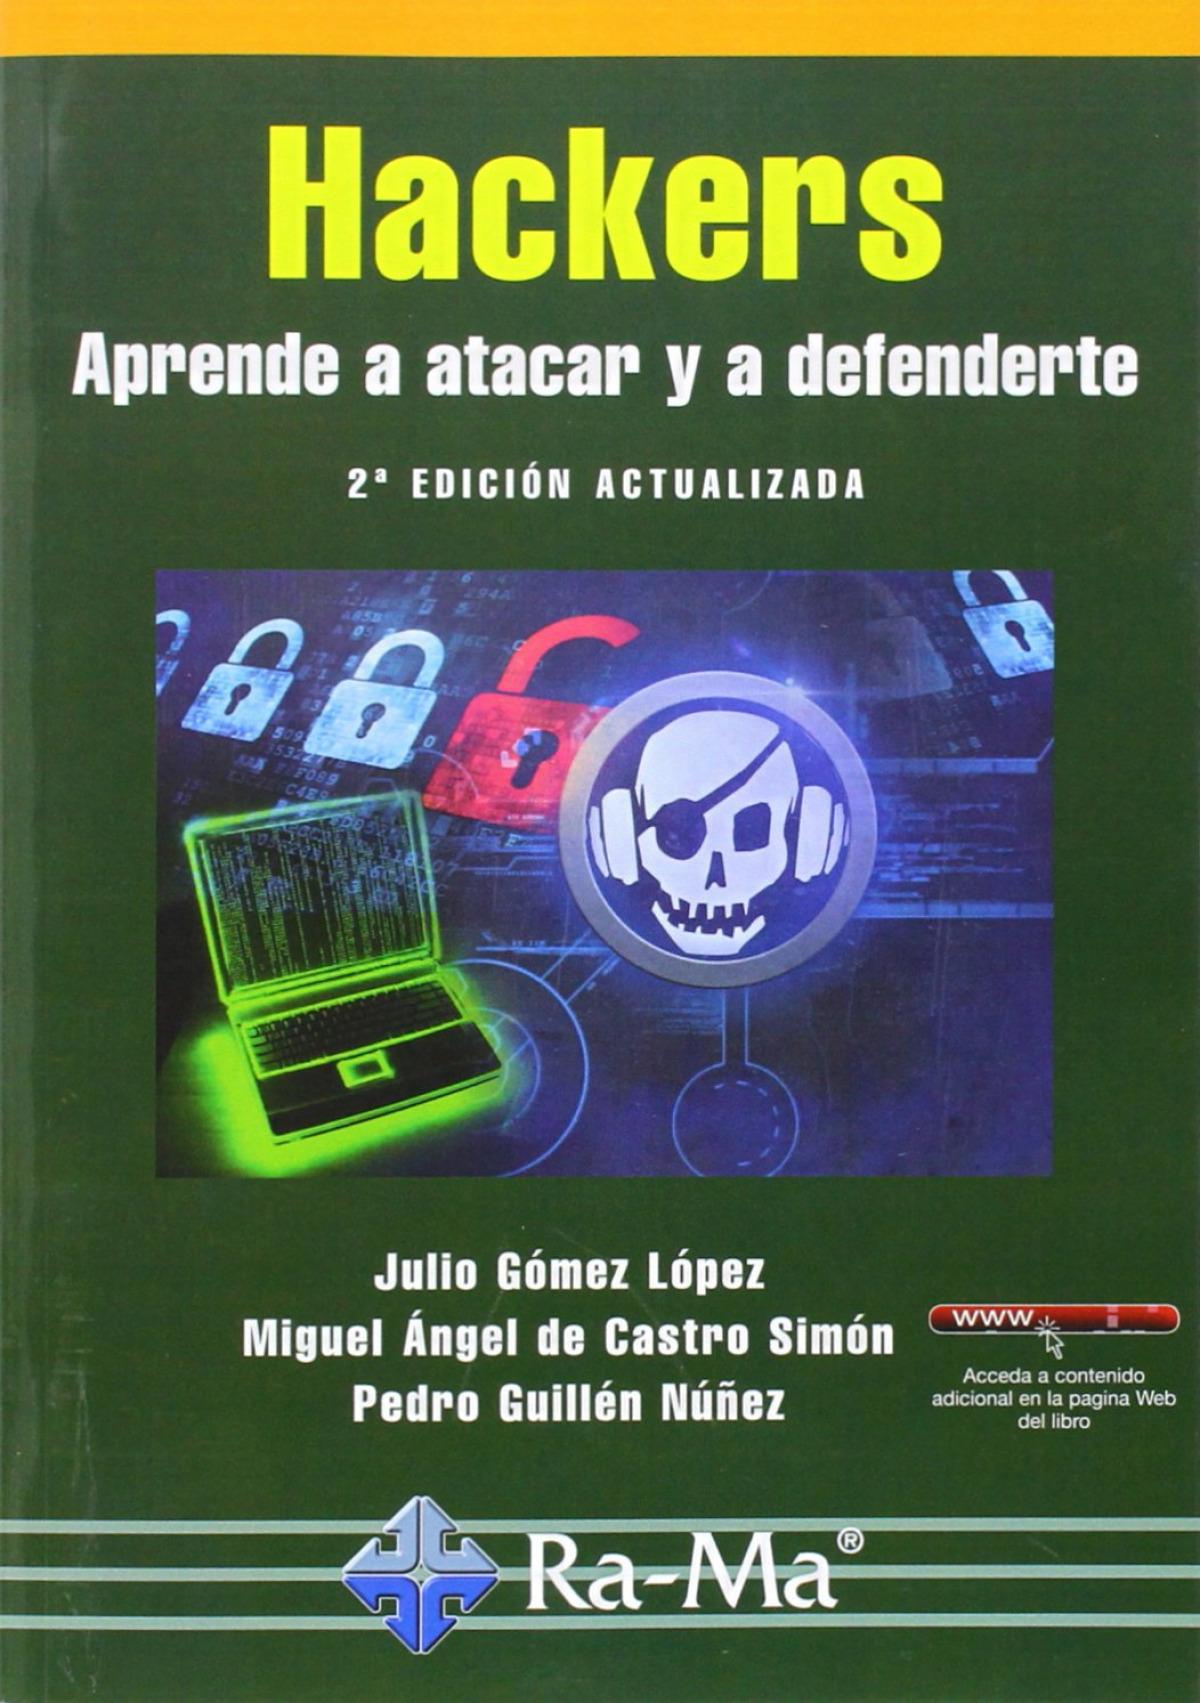 HACKERS (2a. ED.ACT.2014): APRENDE A ATACAR Y DEFENDERTE 9788499645087